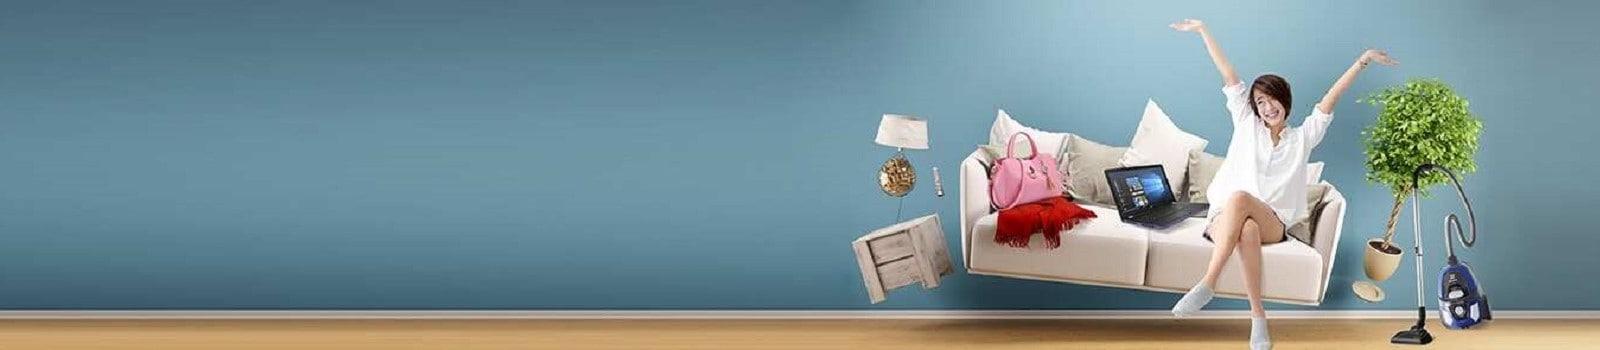 Flex Instalment